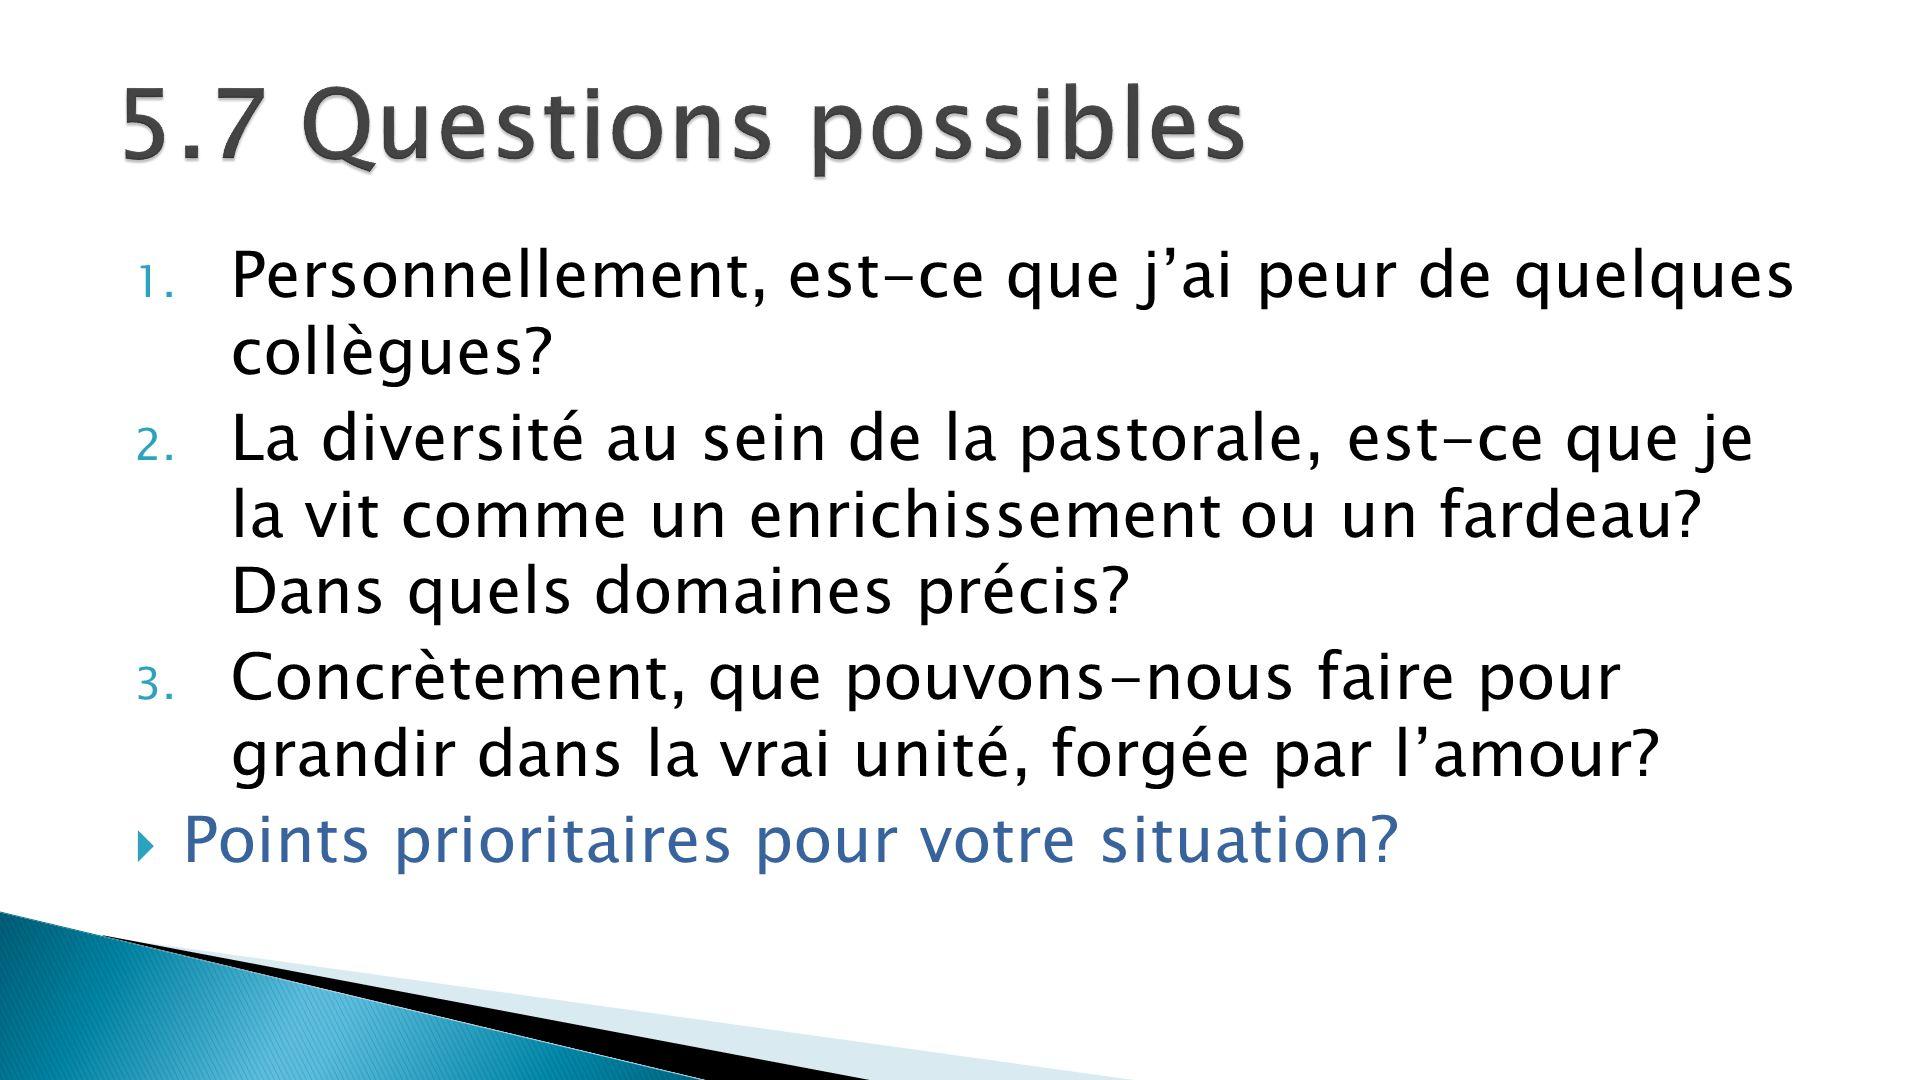 5.7 Questions possibles Personnellement, est-ce que j'ai peur de quelques collègues